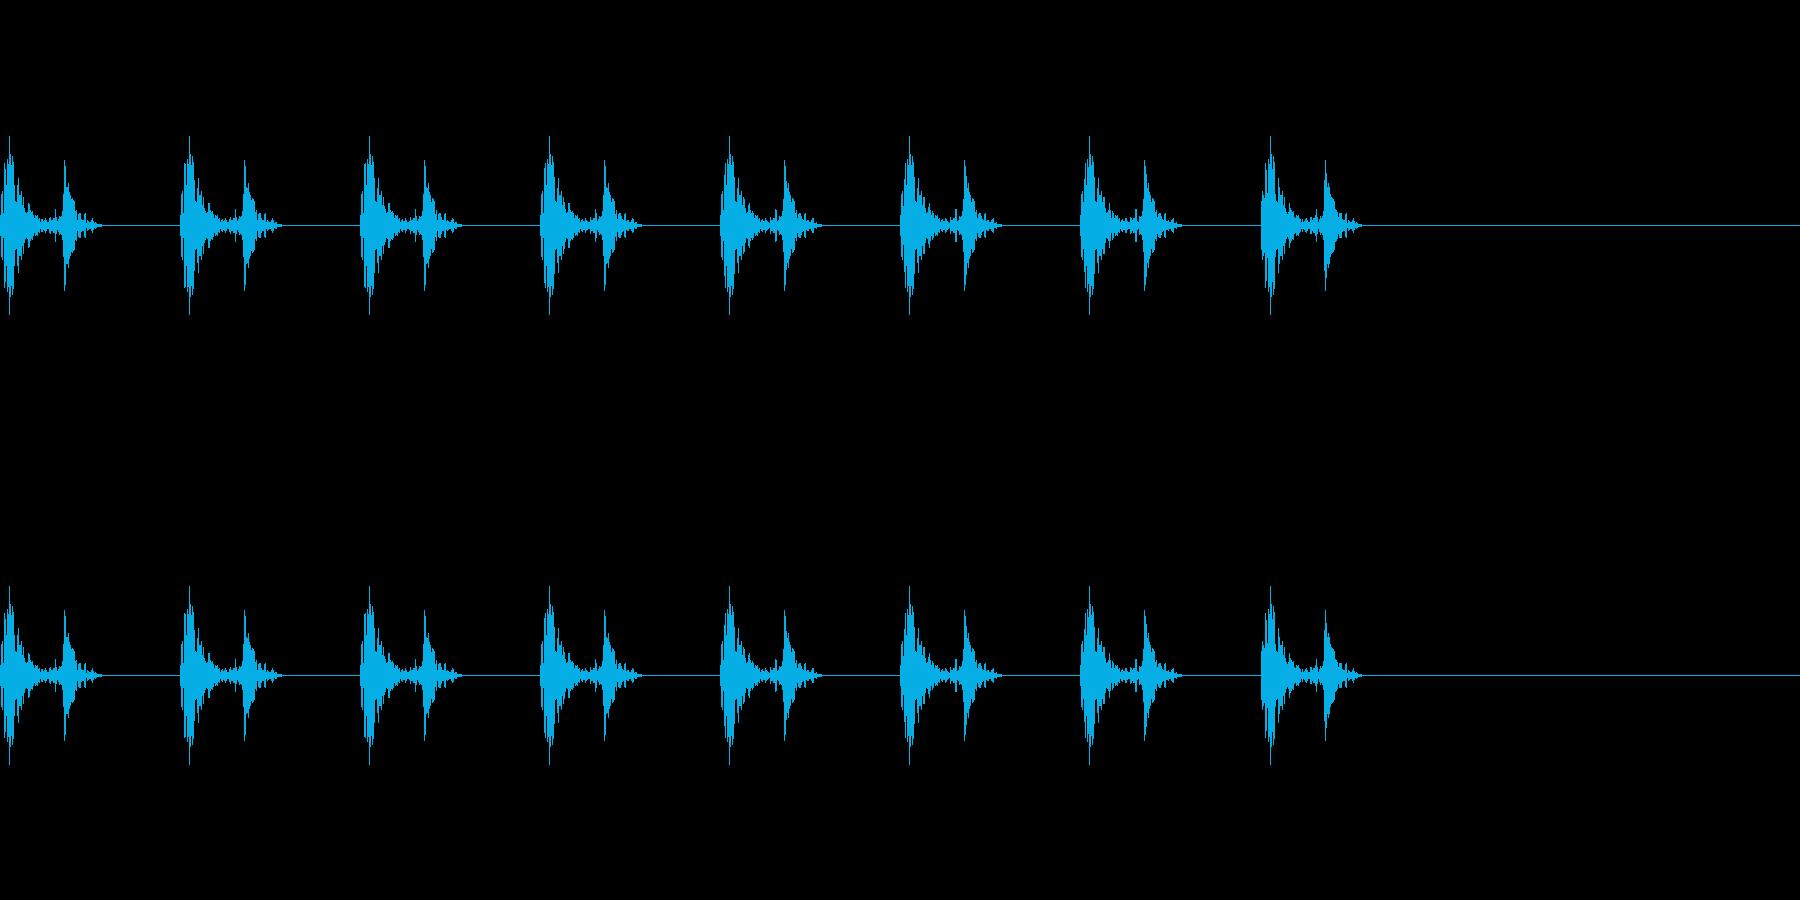 ドクドクの再生済みの波形